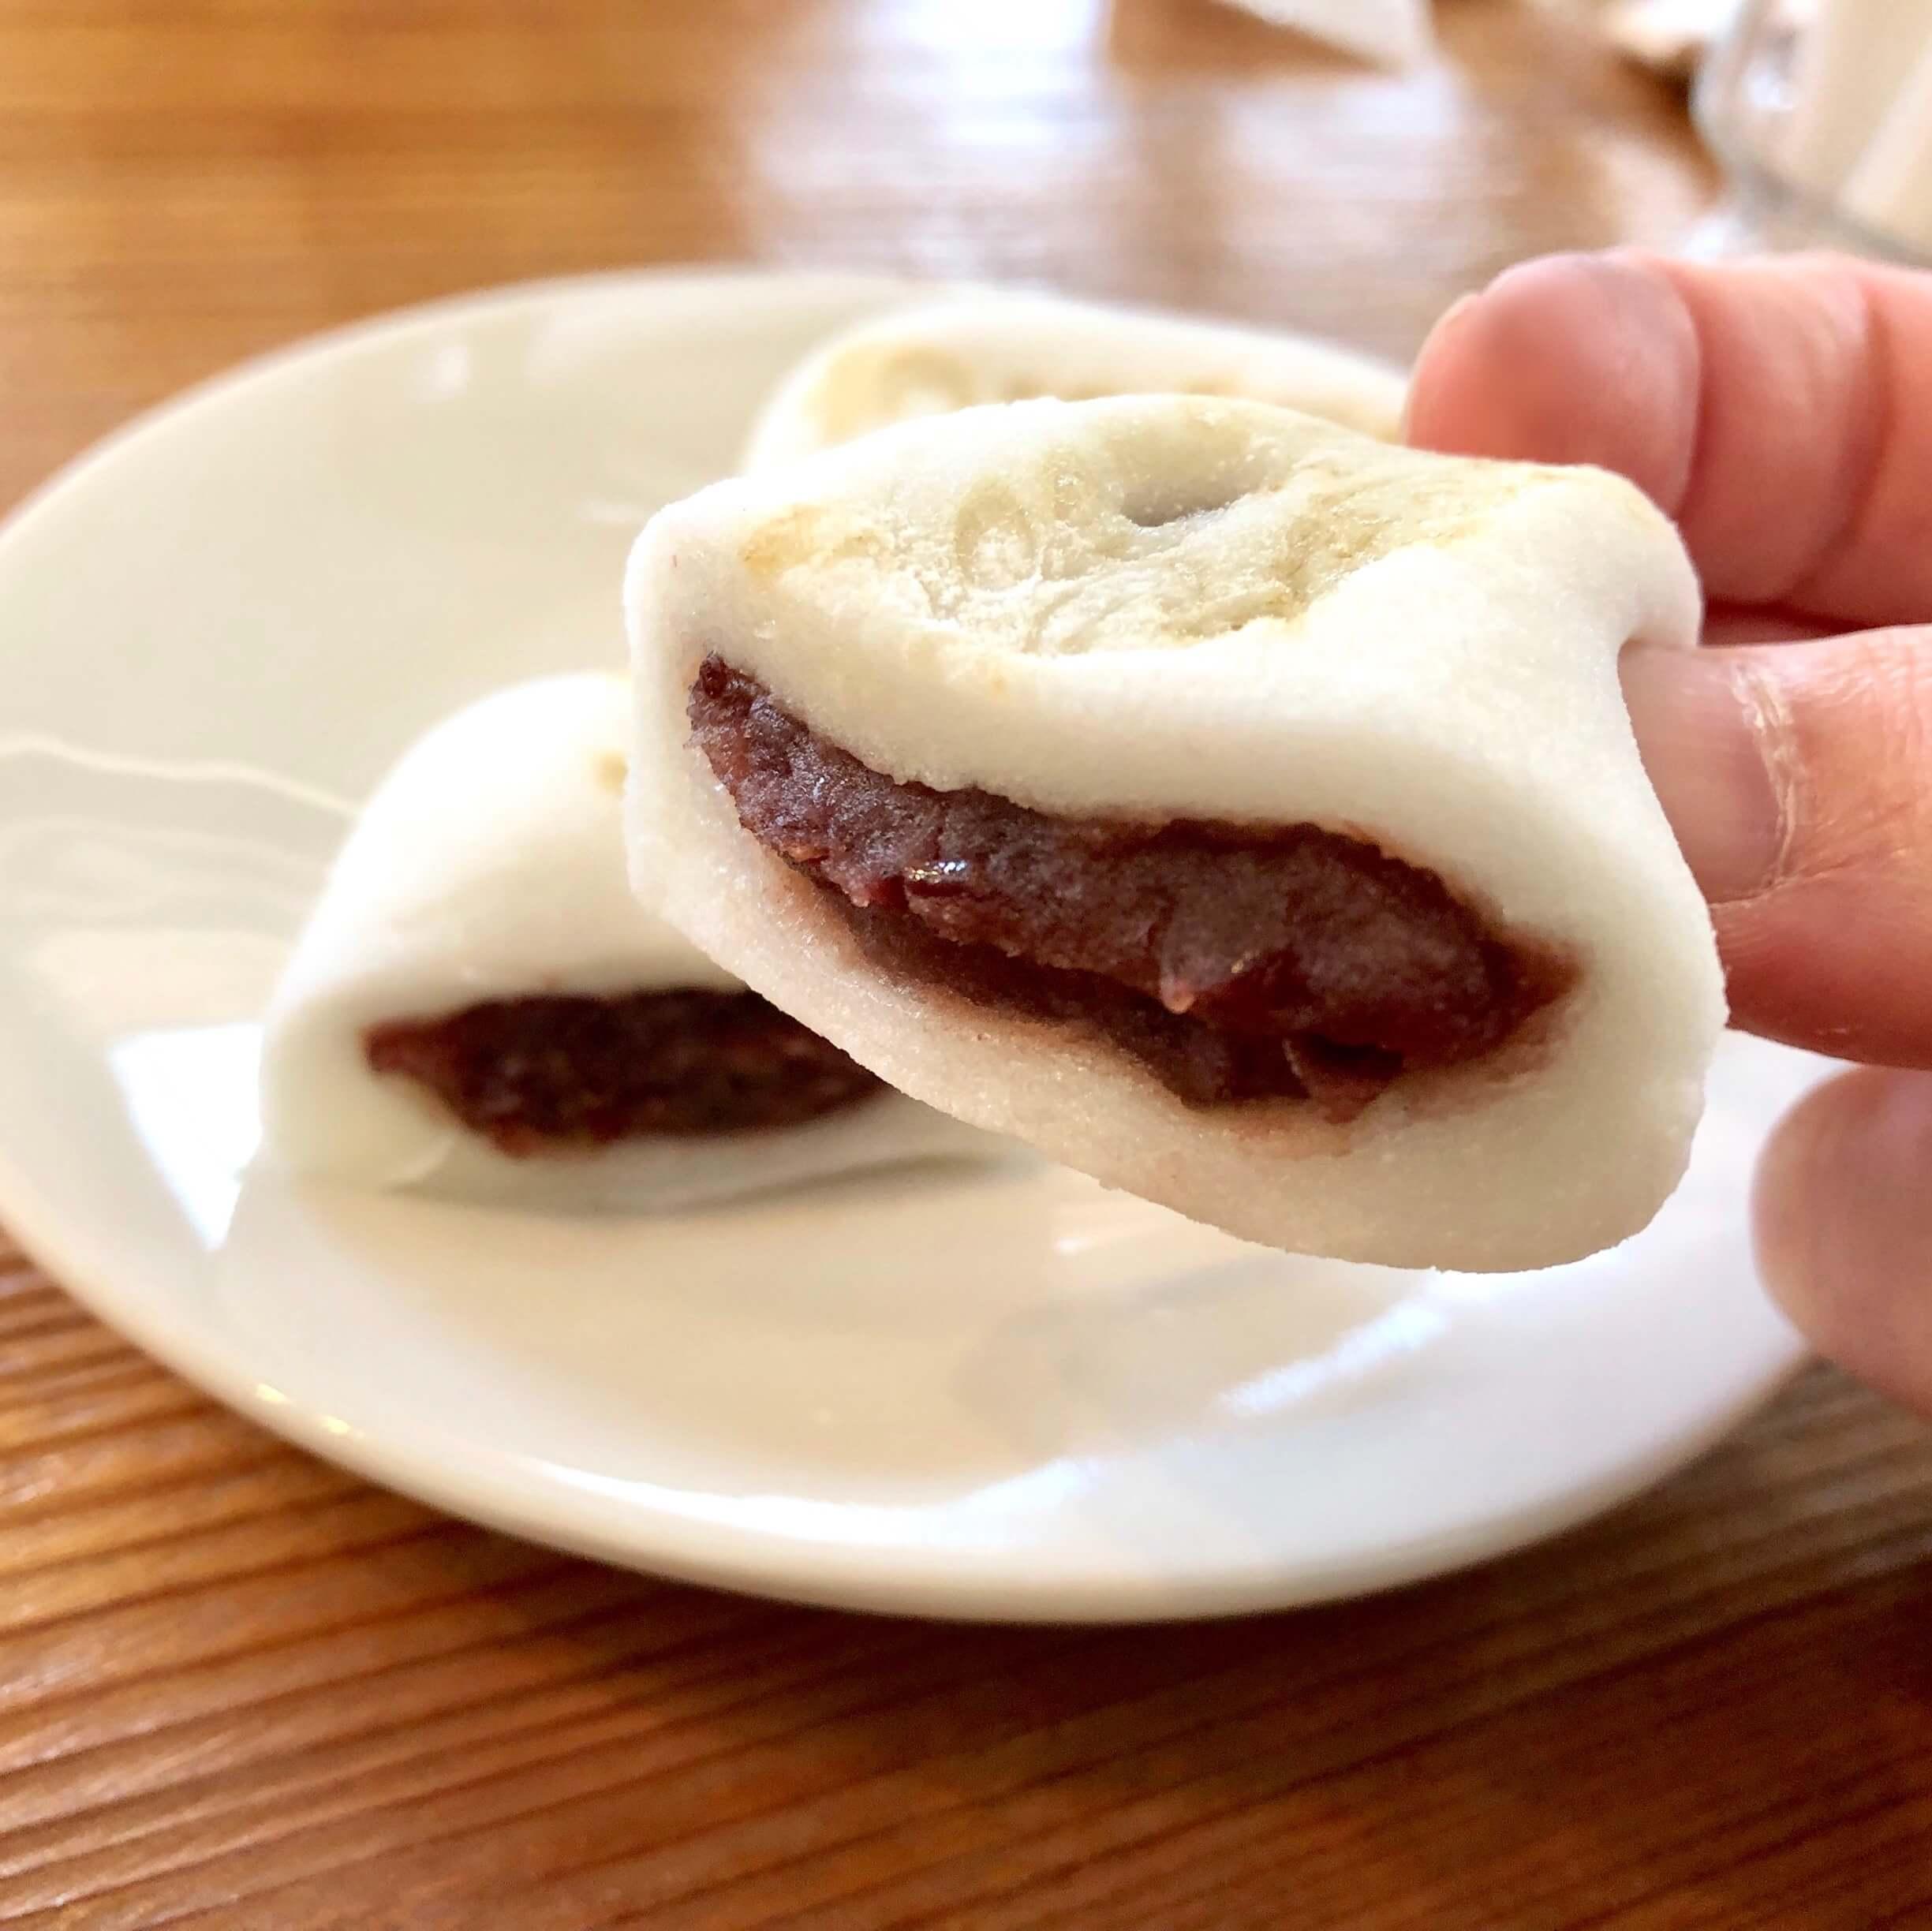 水戸屋本店 ミトヤホンテン|裏のカフェならちちぶ餅のイートインOK!焼きたてケーキも食べられる!